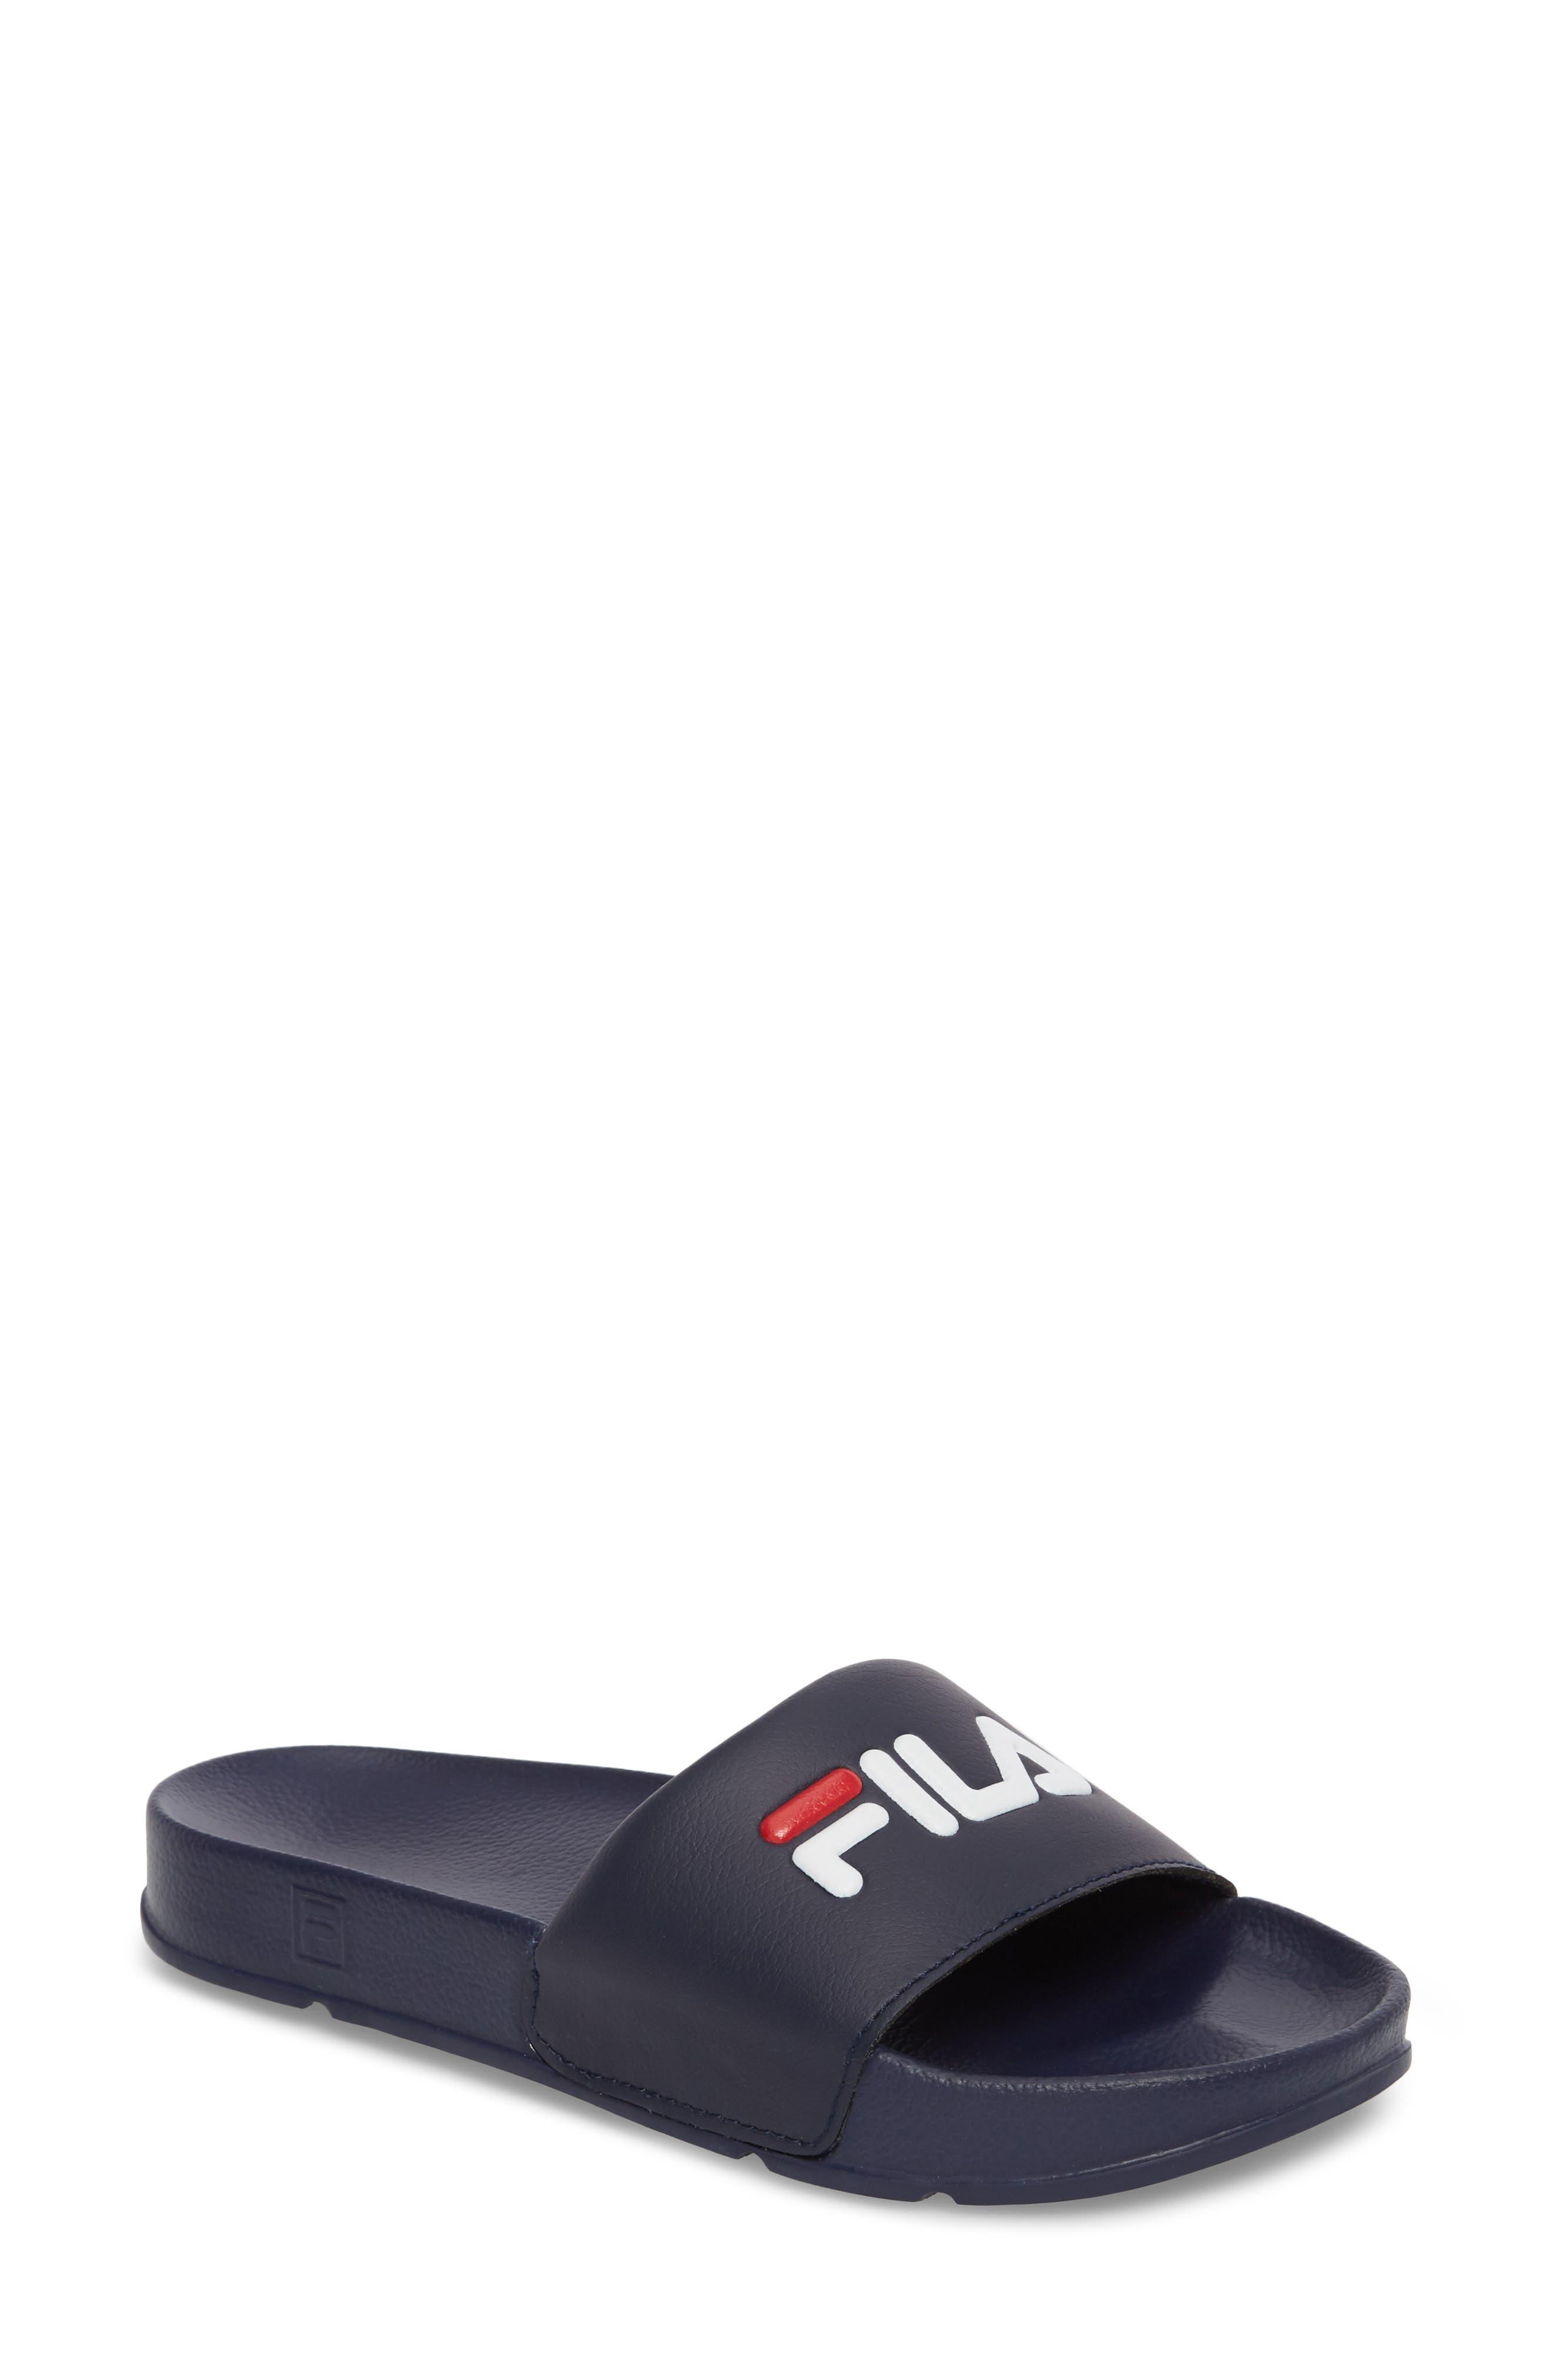 Slide Sandal,                             Main thumbnail 1, color,                             NAVY/ RED/ WHITE